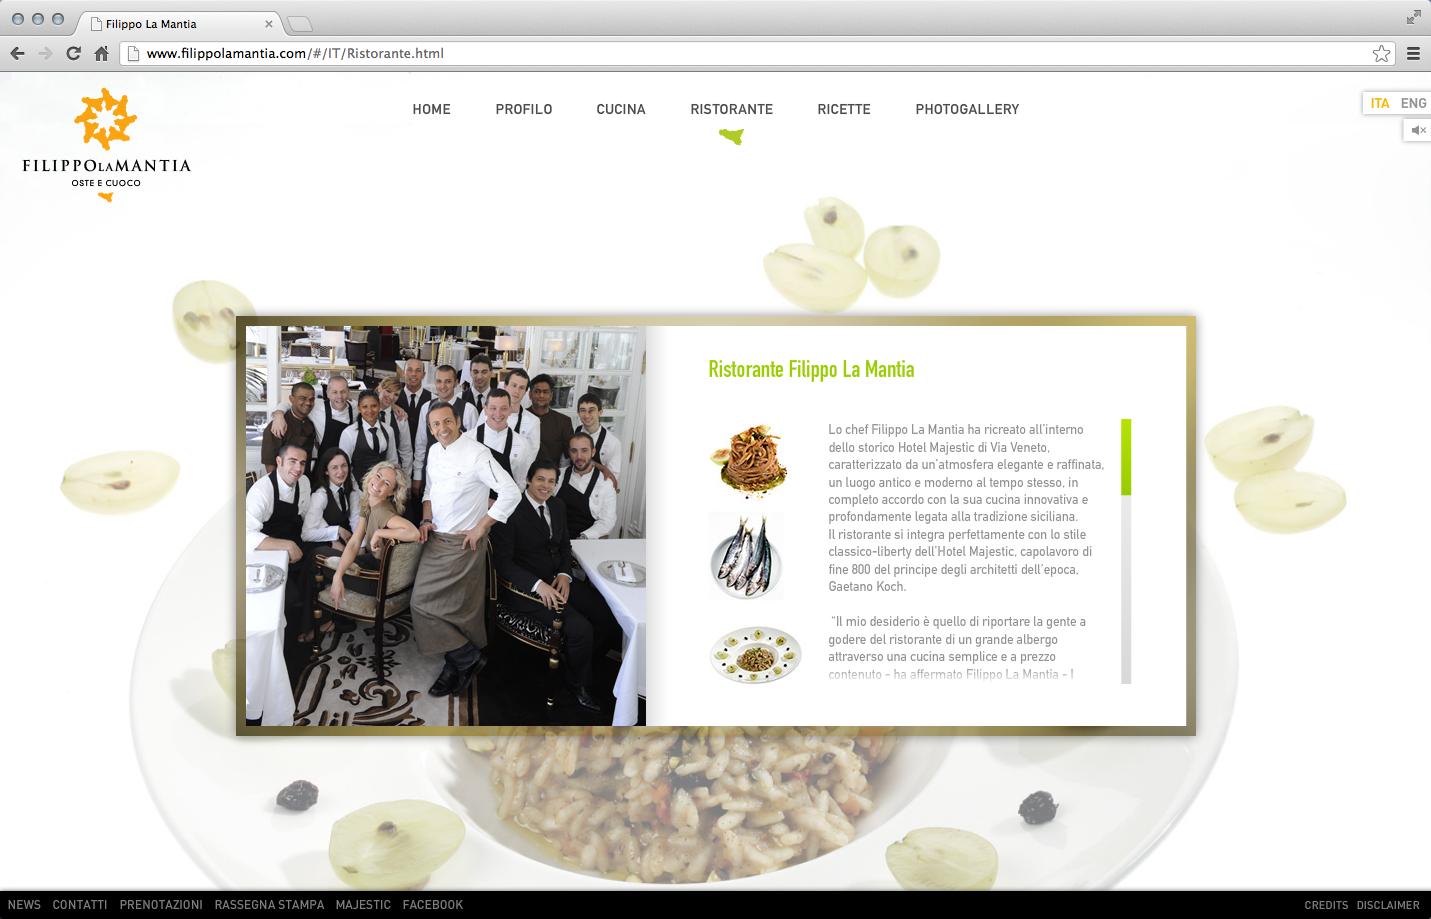 Filippo La Mantia Rebranding - Web Site 2